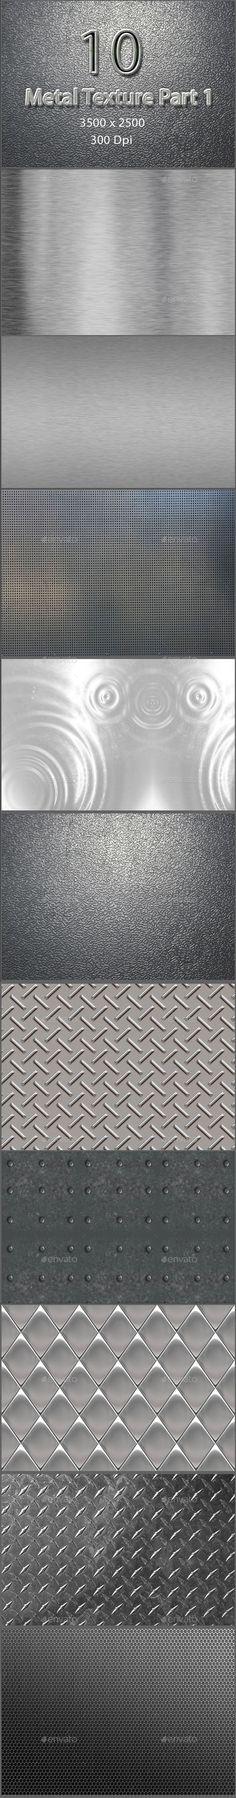 10 Metal Texture Part 1